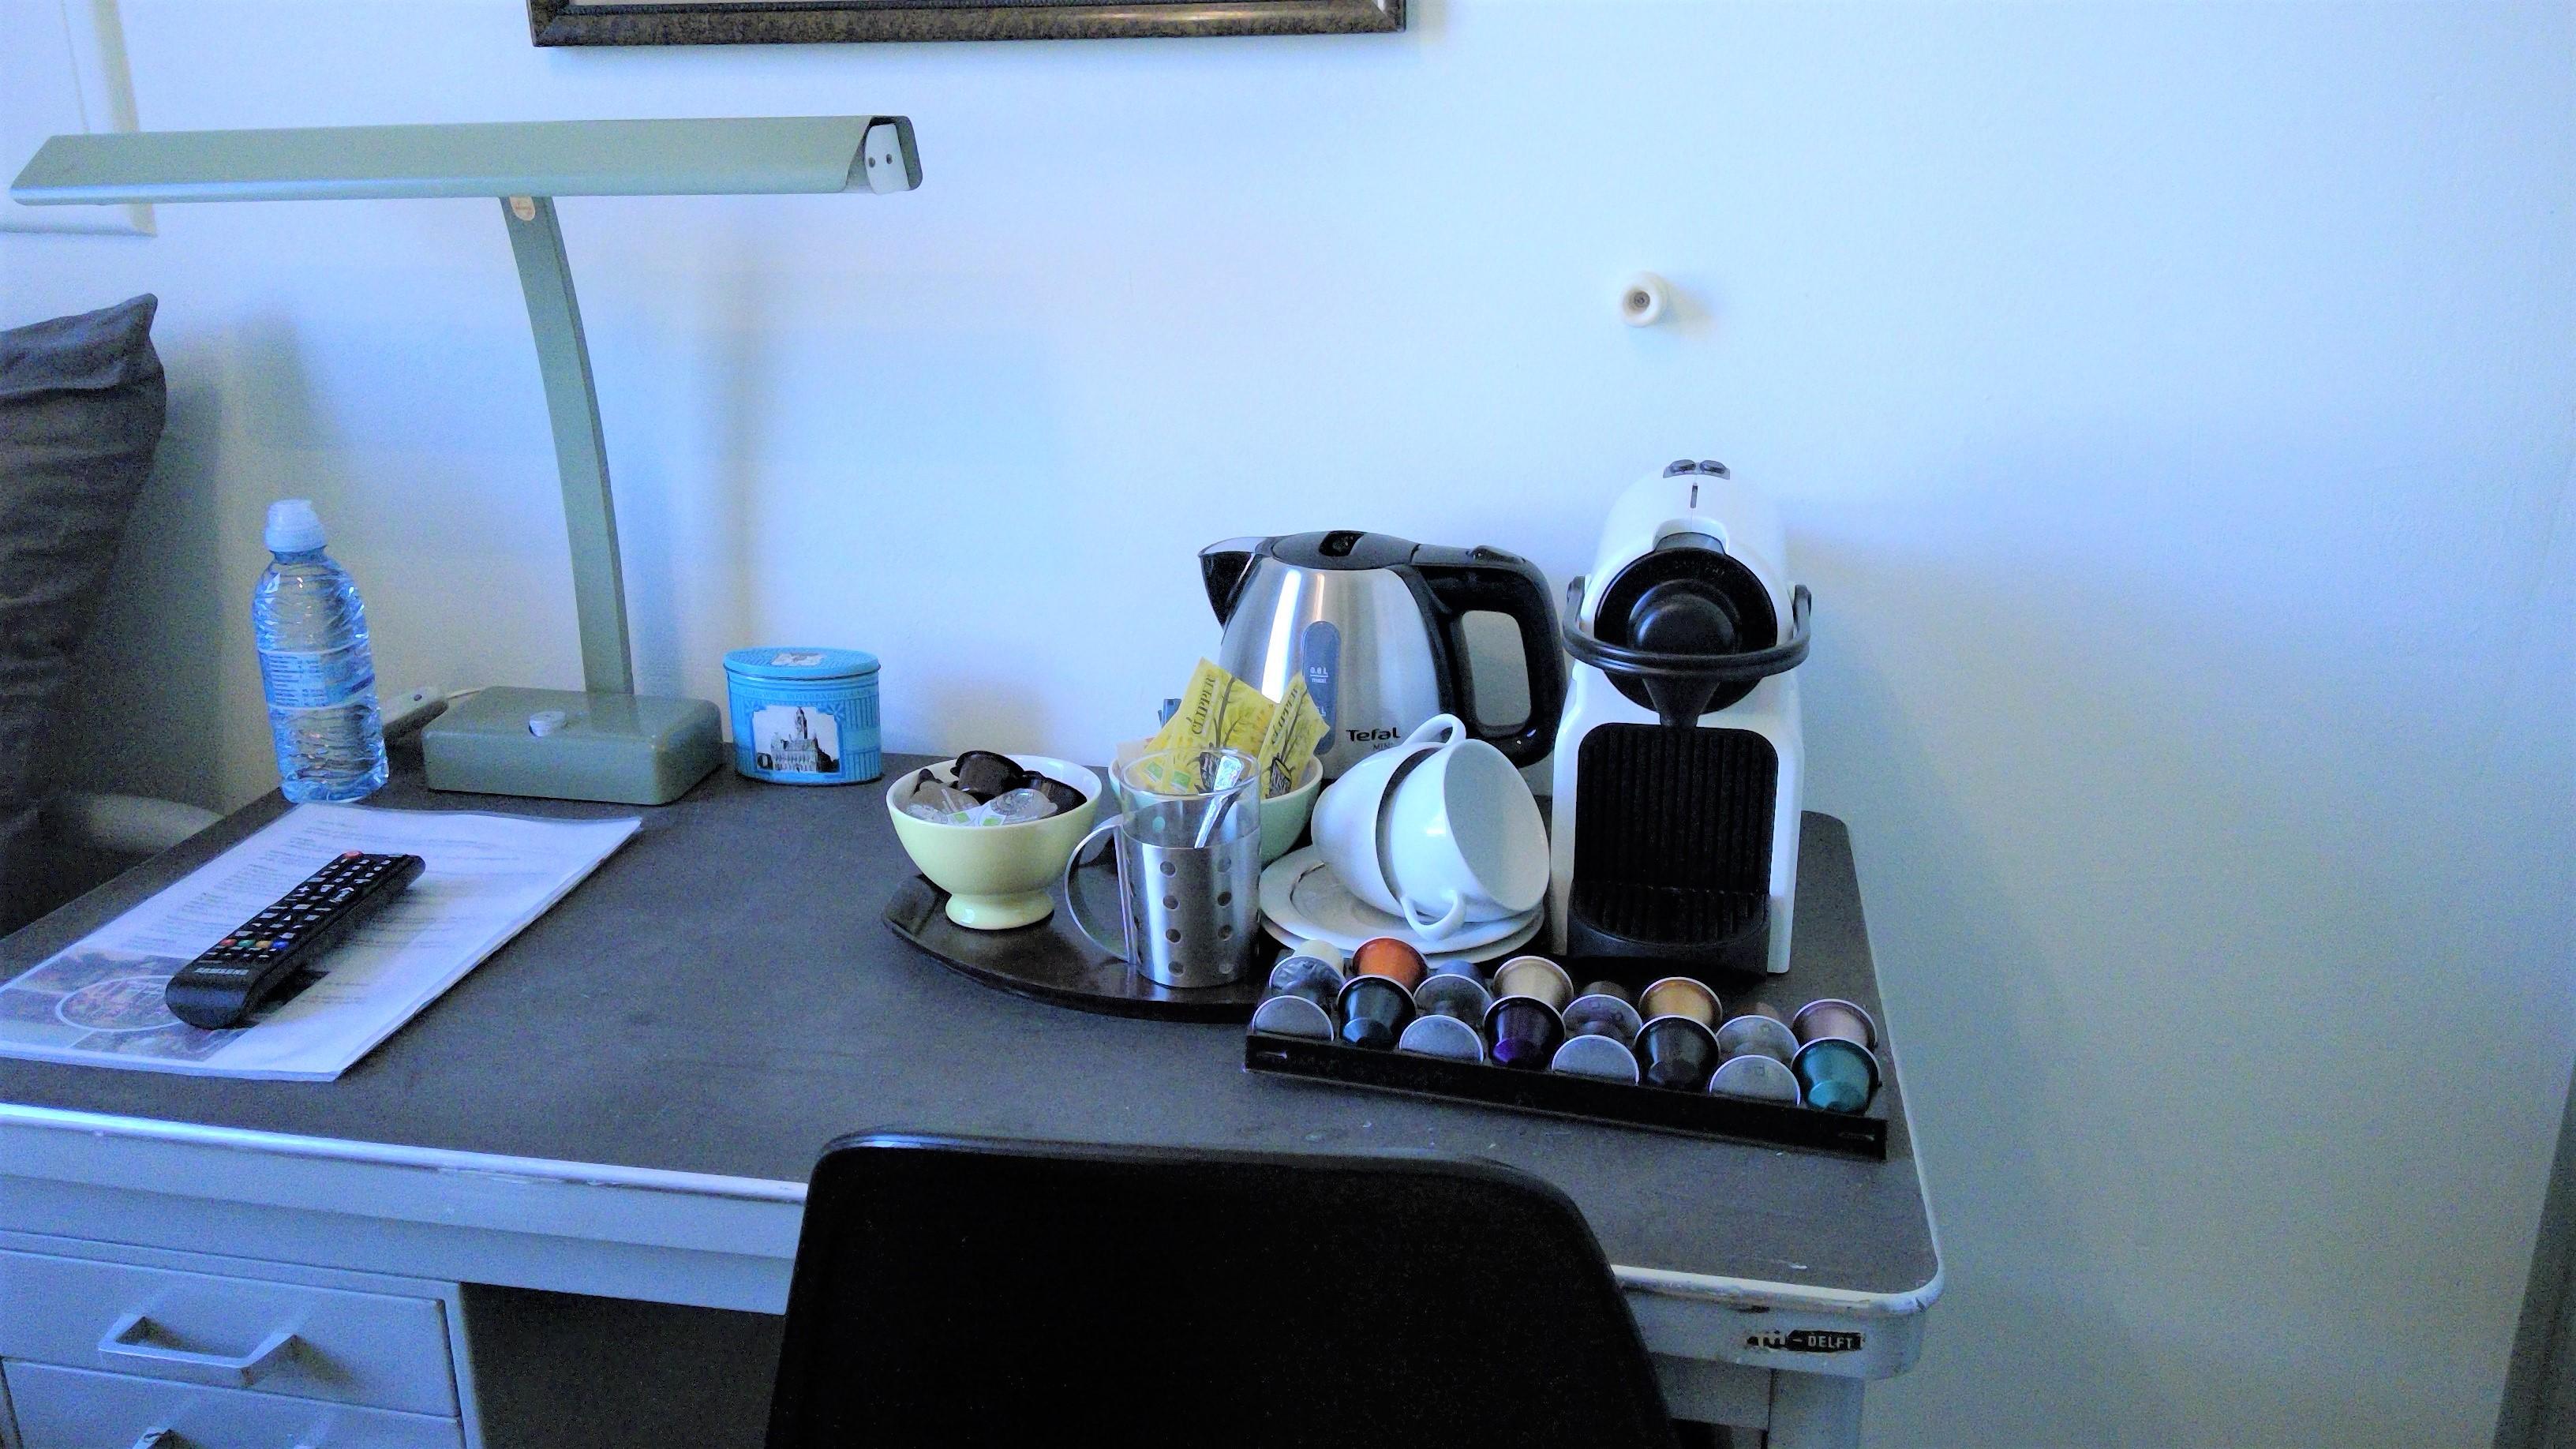 voorzien van Nespresso-apparaat en waterkoker